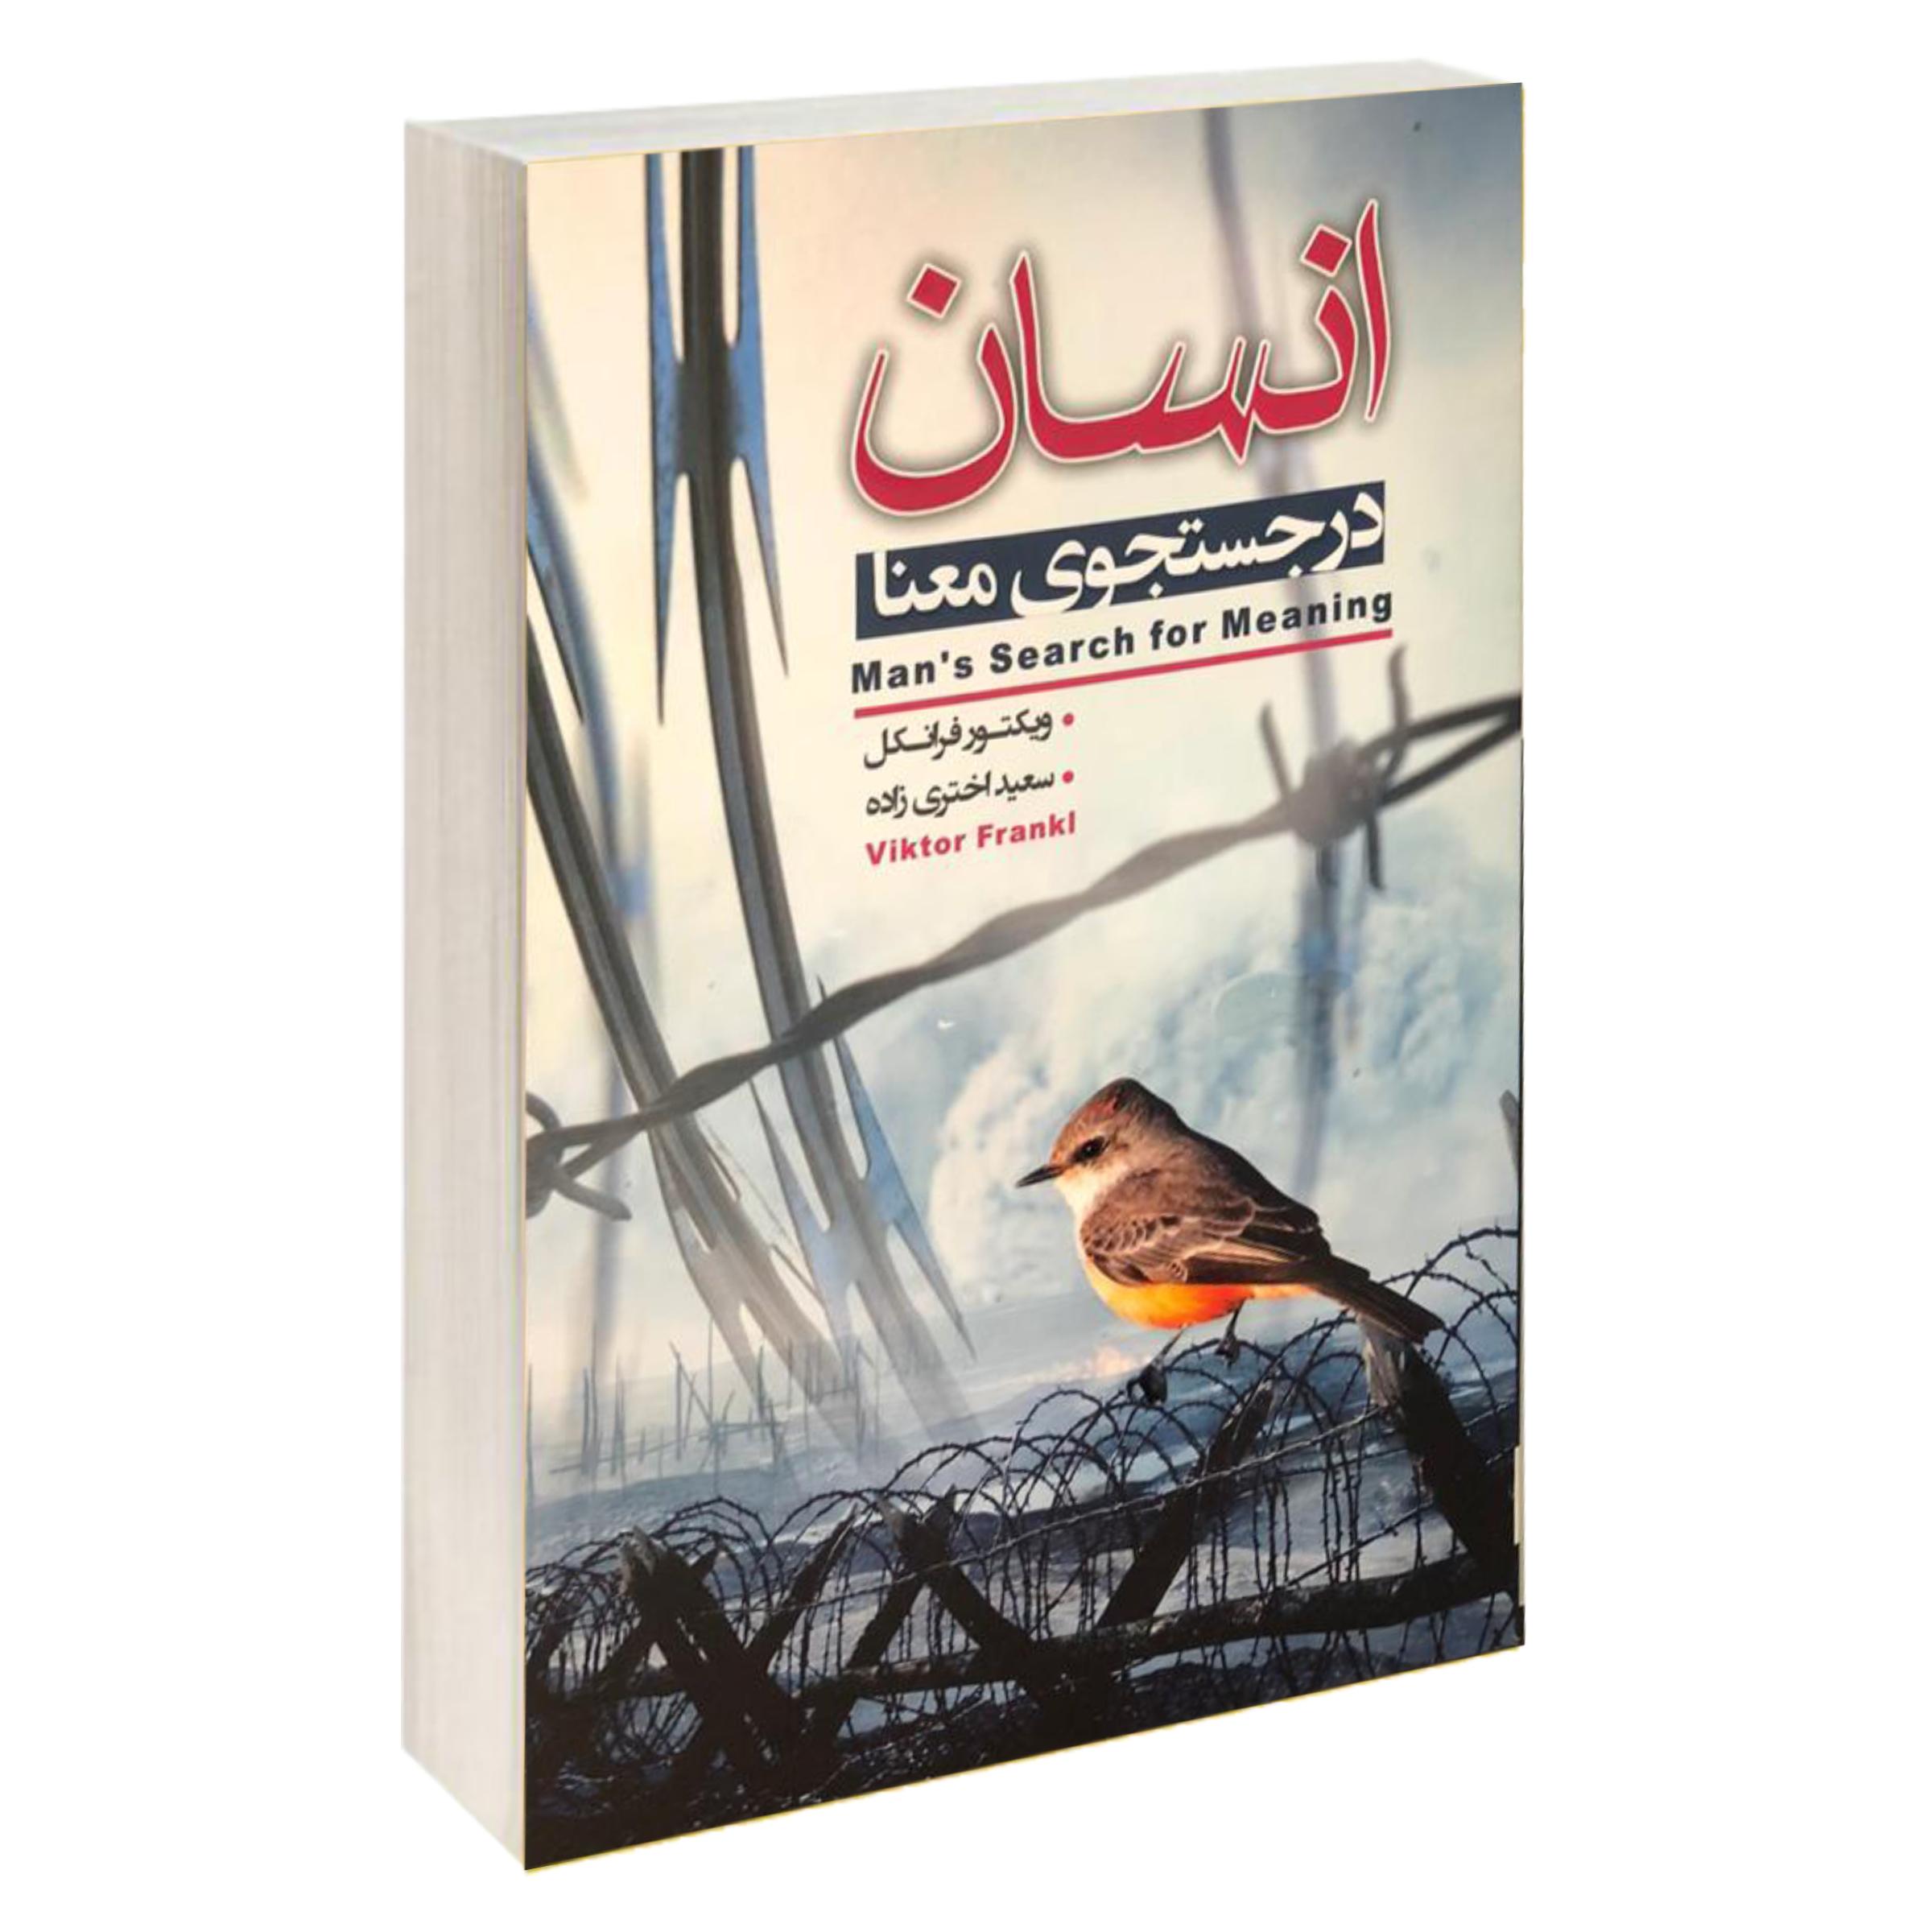 کتاب انسان در جستجوی معنا اثر ویکتور فرانکل انتشارات آتیسا